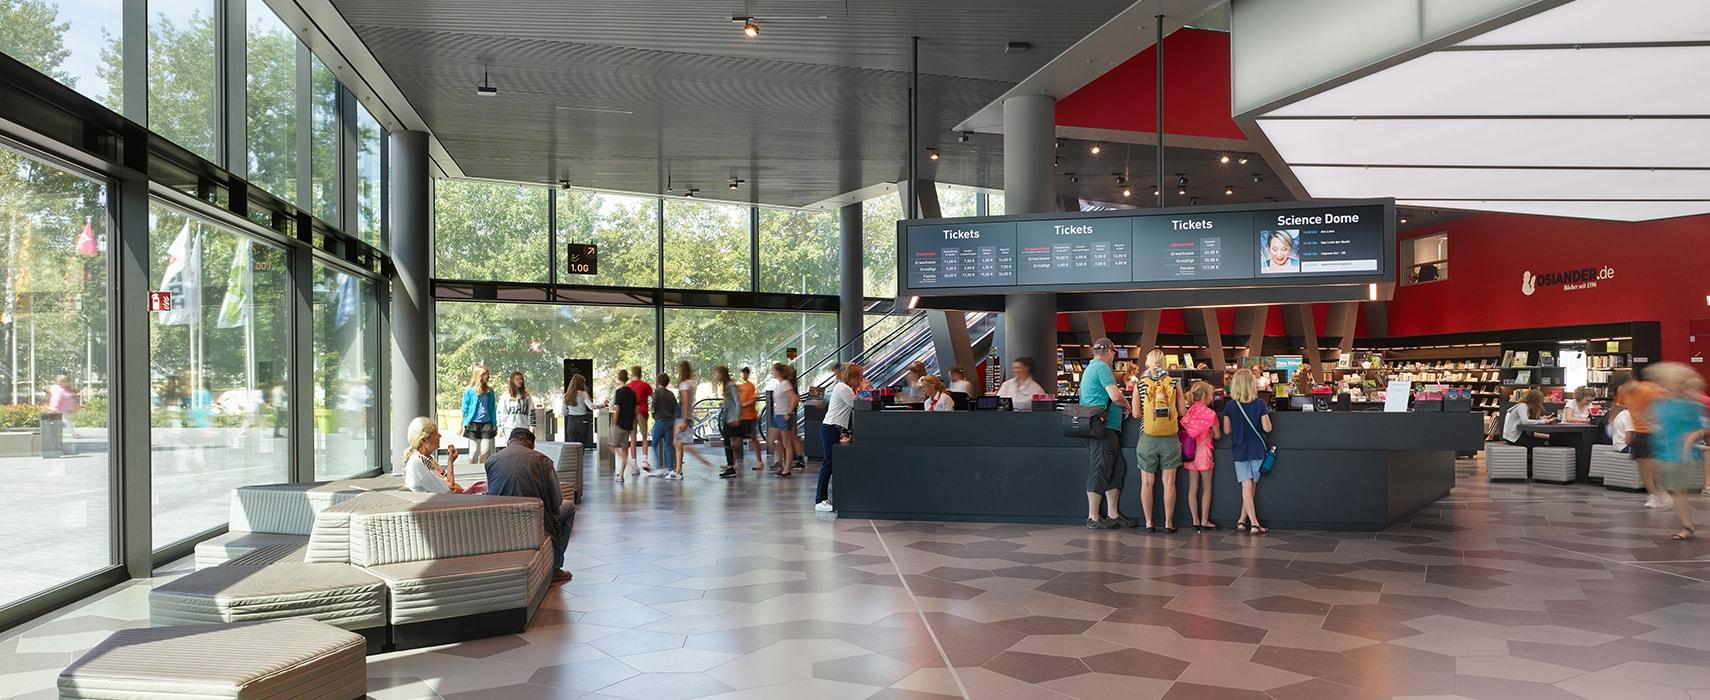 experimenta Foyer mit Menschen an der Kasse